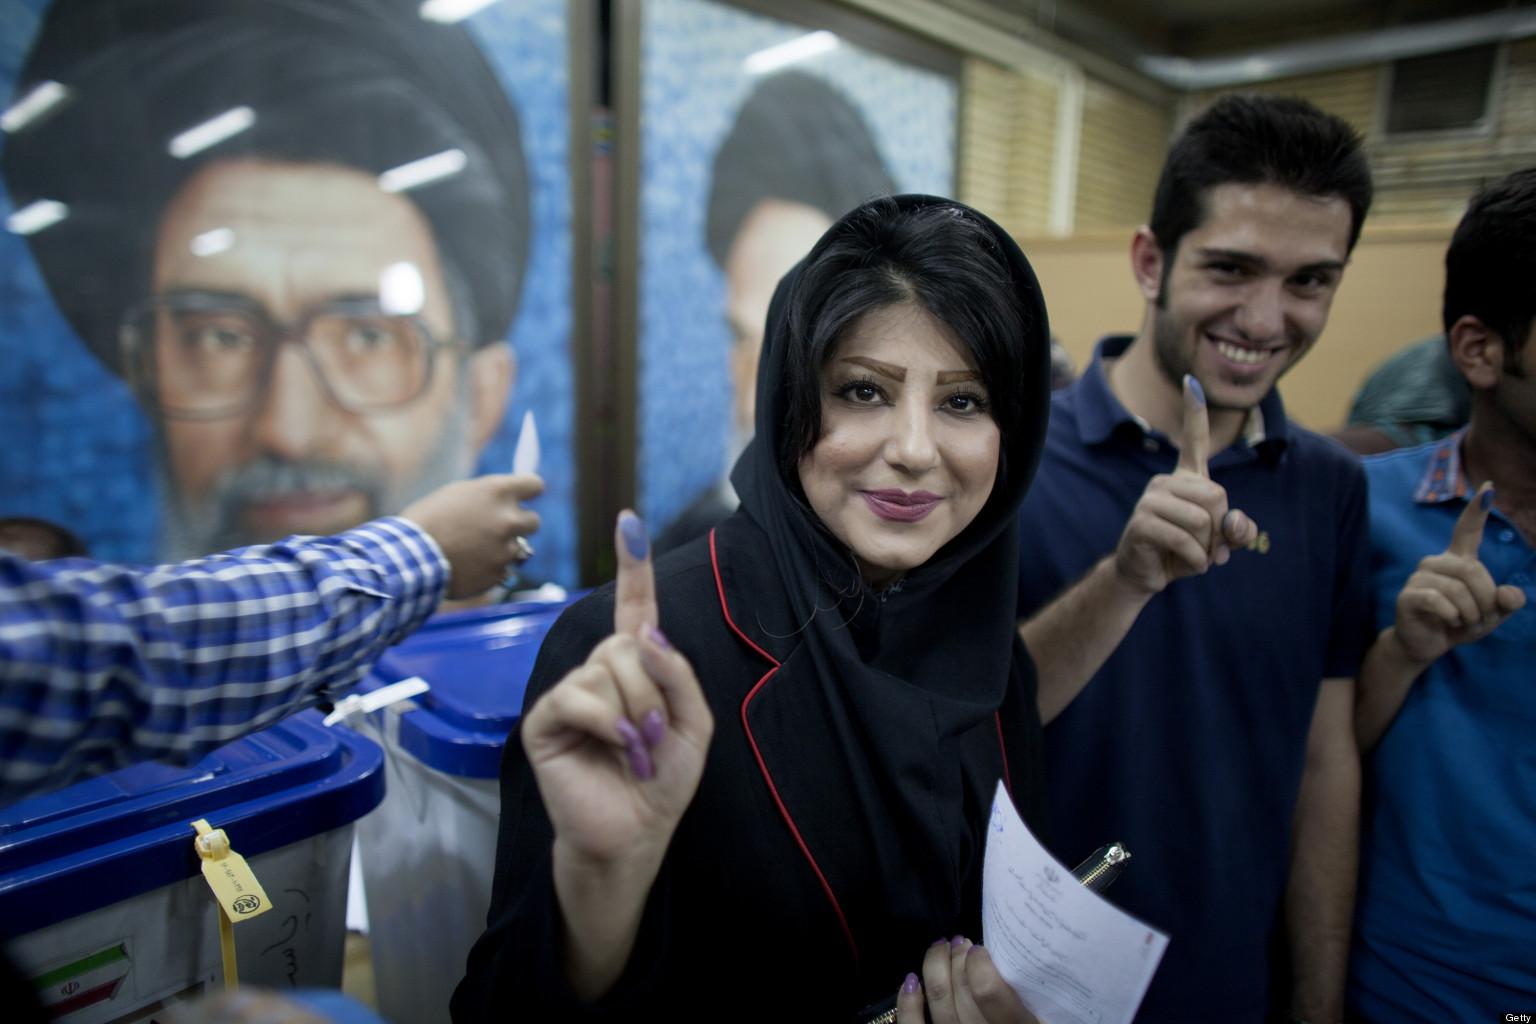 İran'da seçimler: Ilımlılar ve reformistler başarılı